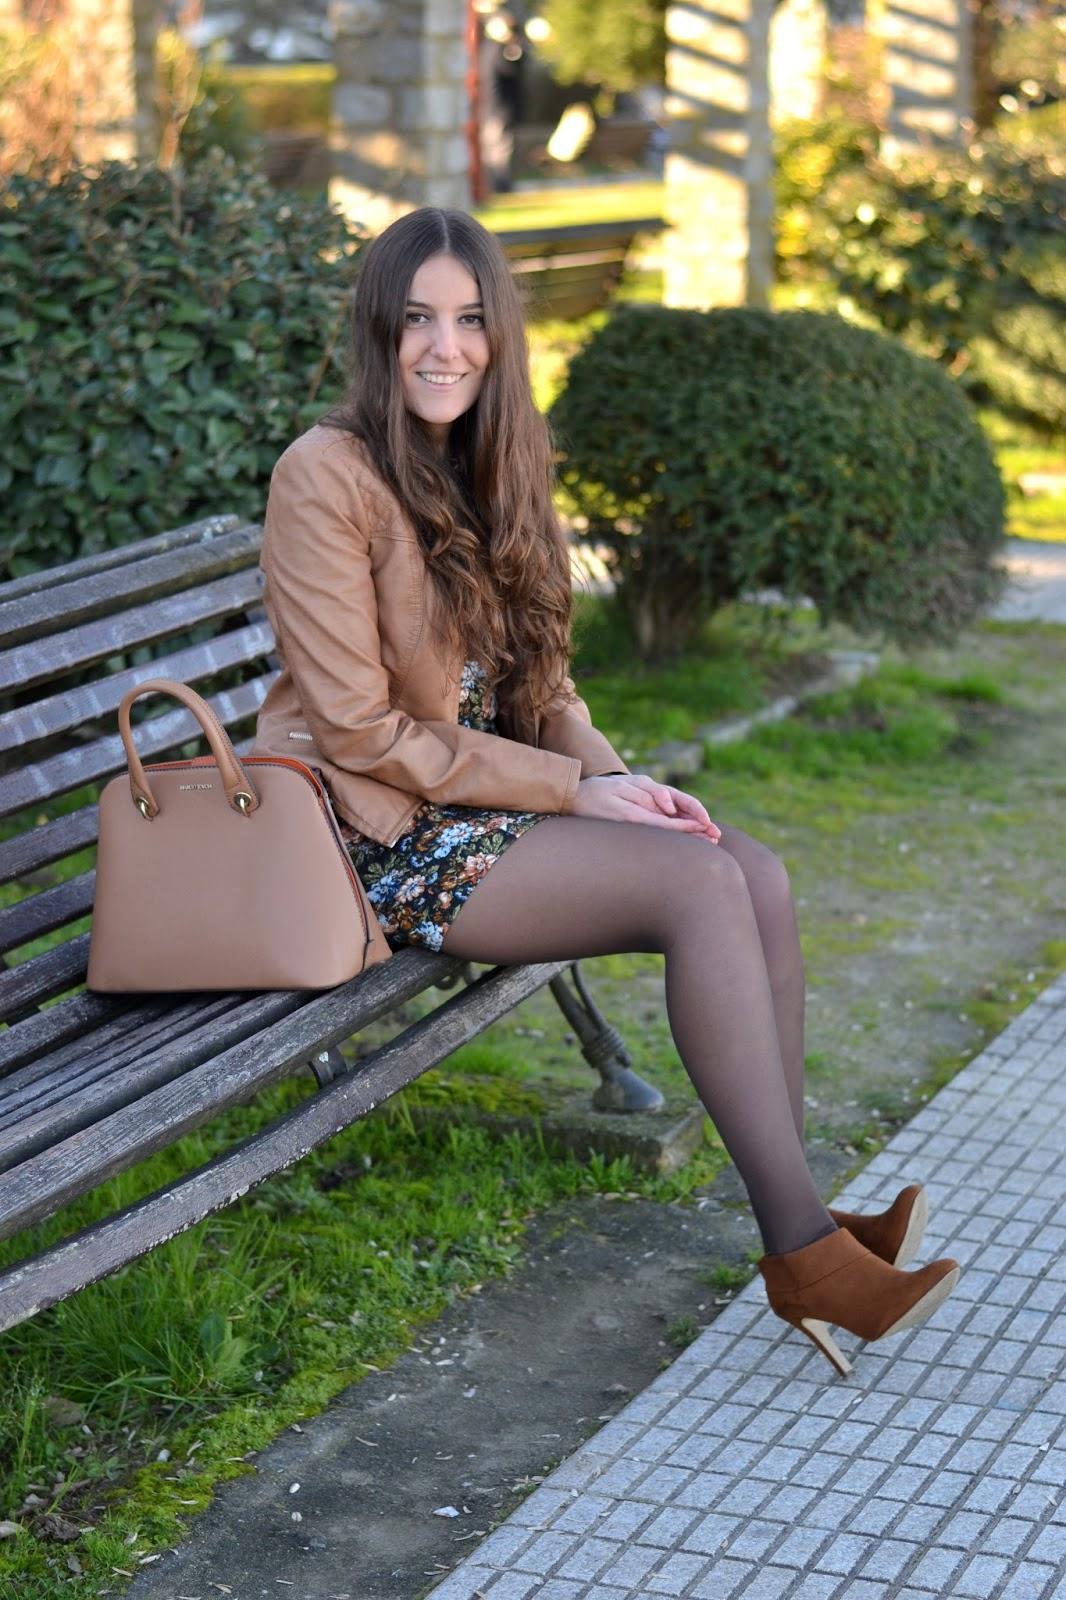 biker marrón, vestido de flores y botines marrones